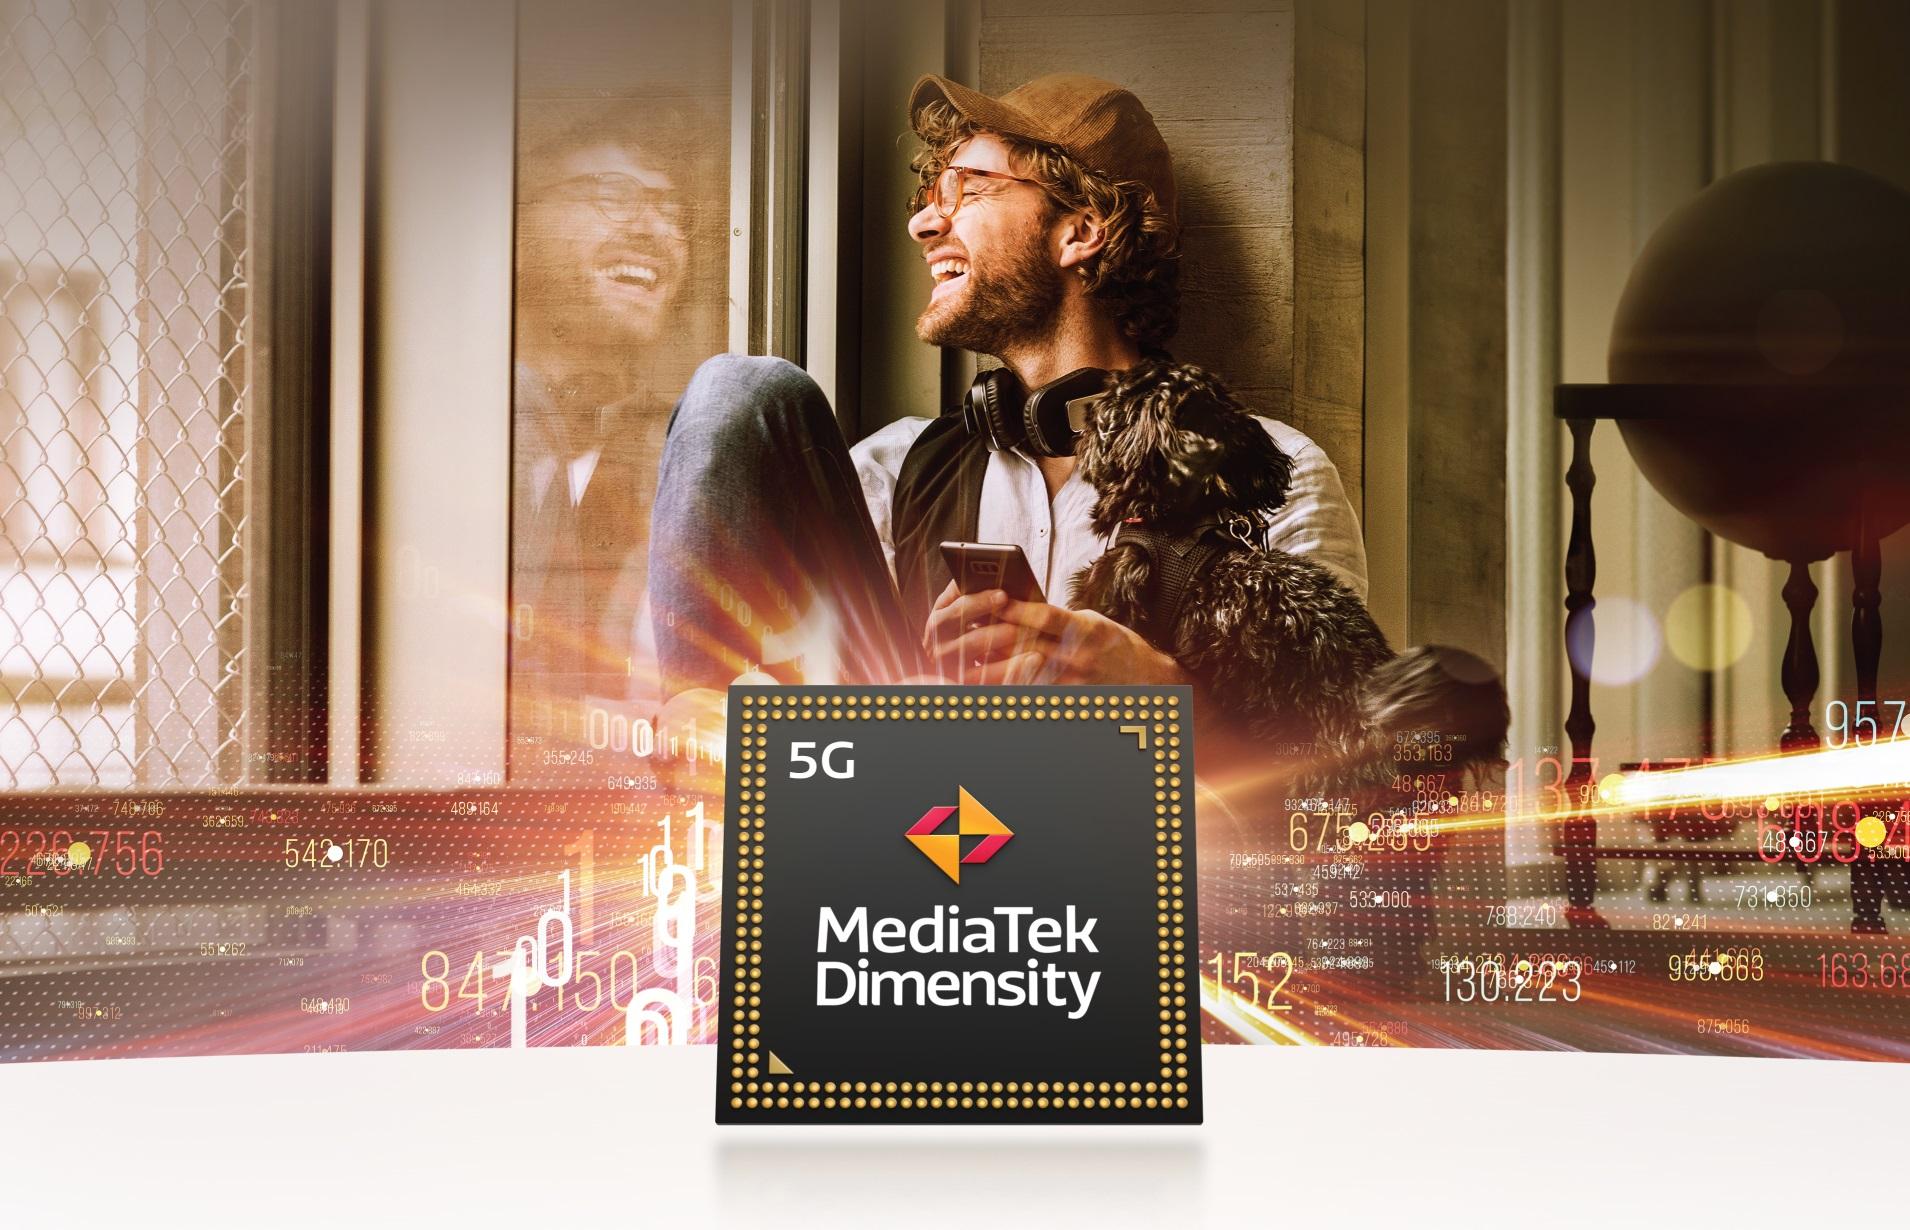 MediaTek Dimensity 5G logo